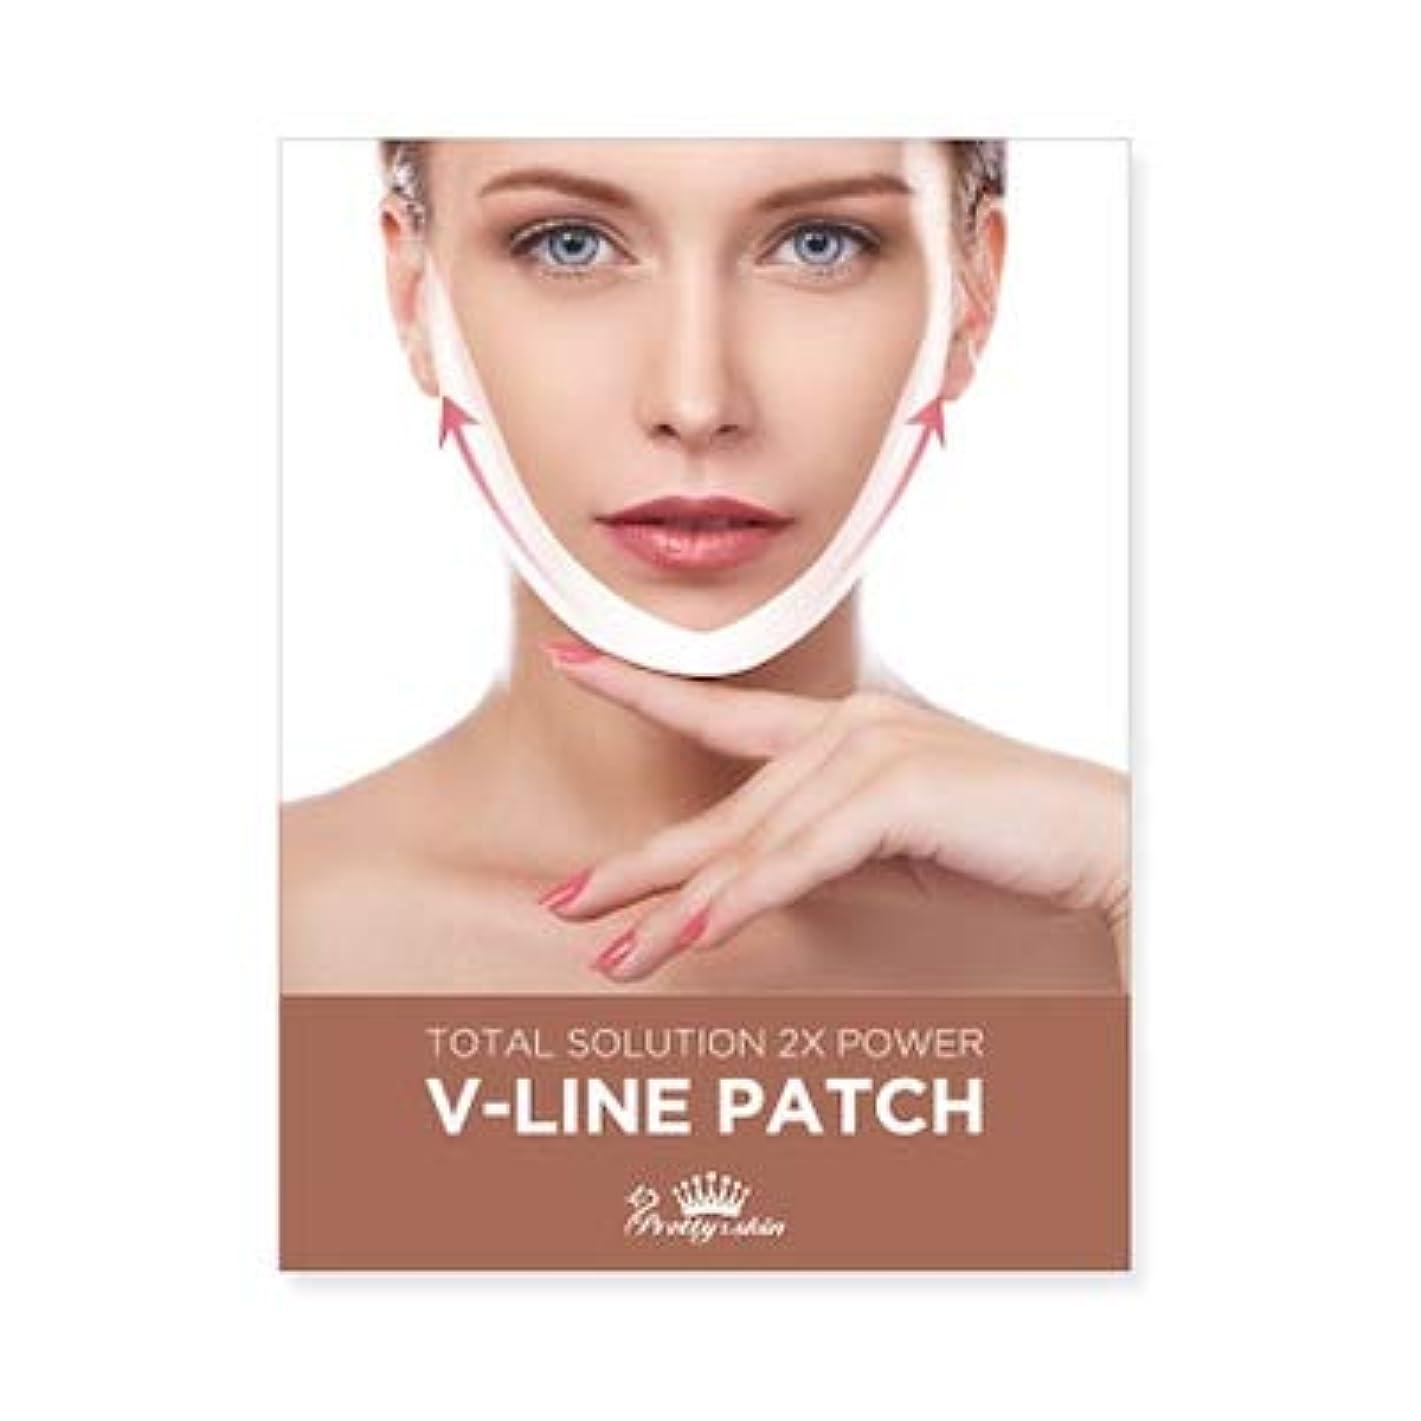 タッチ追跡娯楽pretty skin プリティスキン V-LINE PATCH ブイラインパッチ リフトアップ マスク (5枚組, ホワイト)